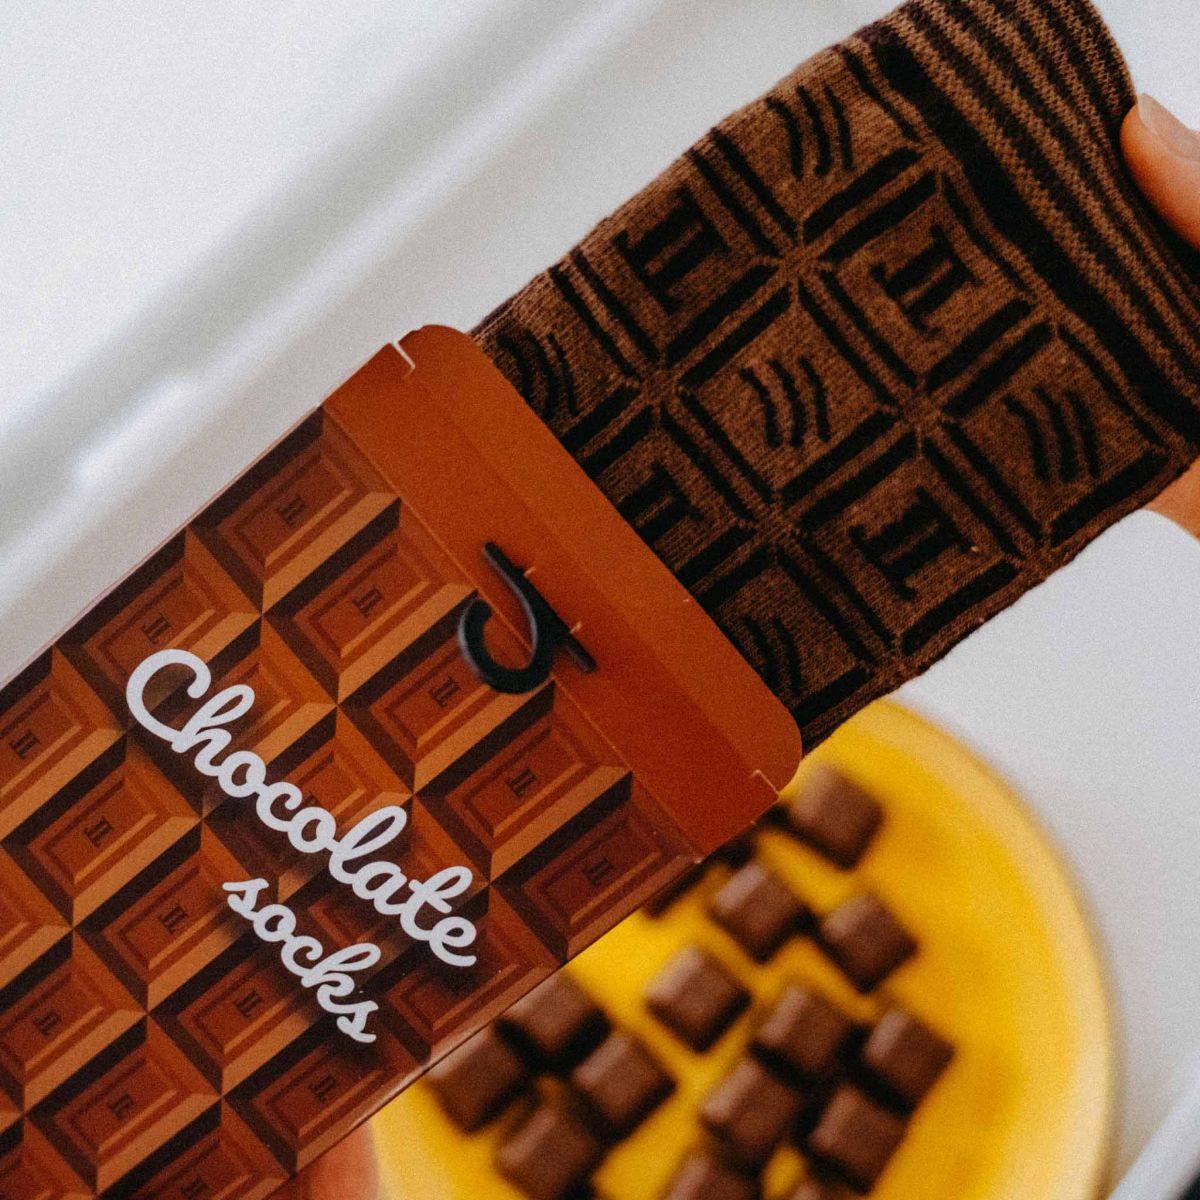 Ponožky - Čokoláda v dárkové krabičce p5